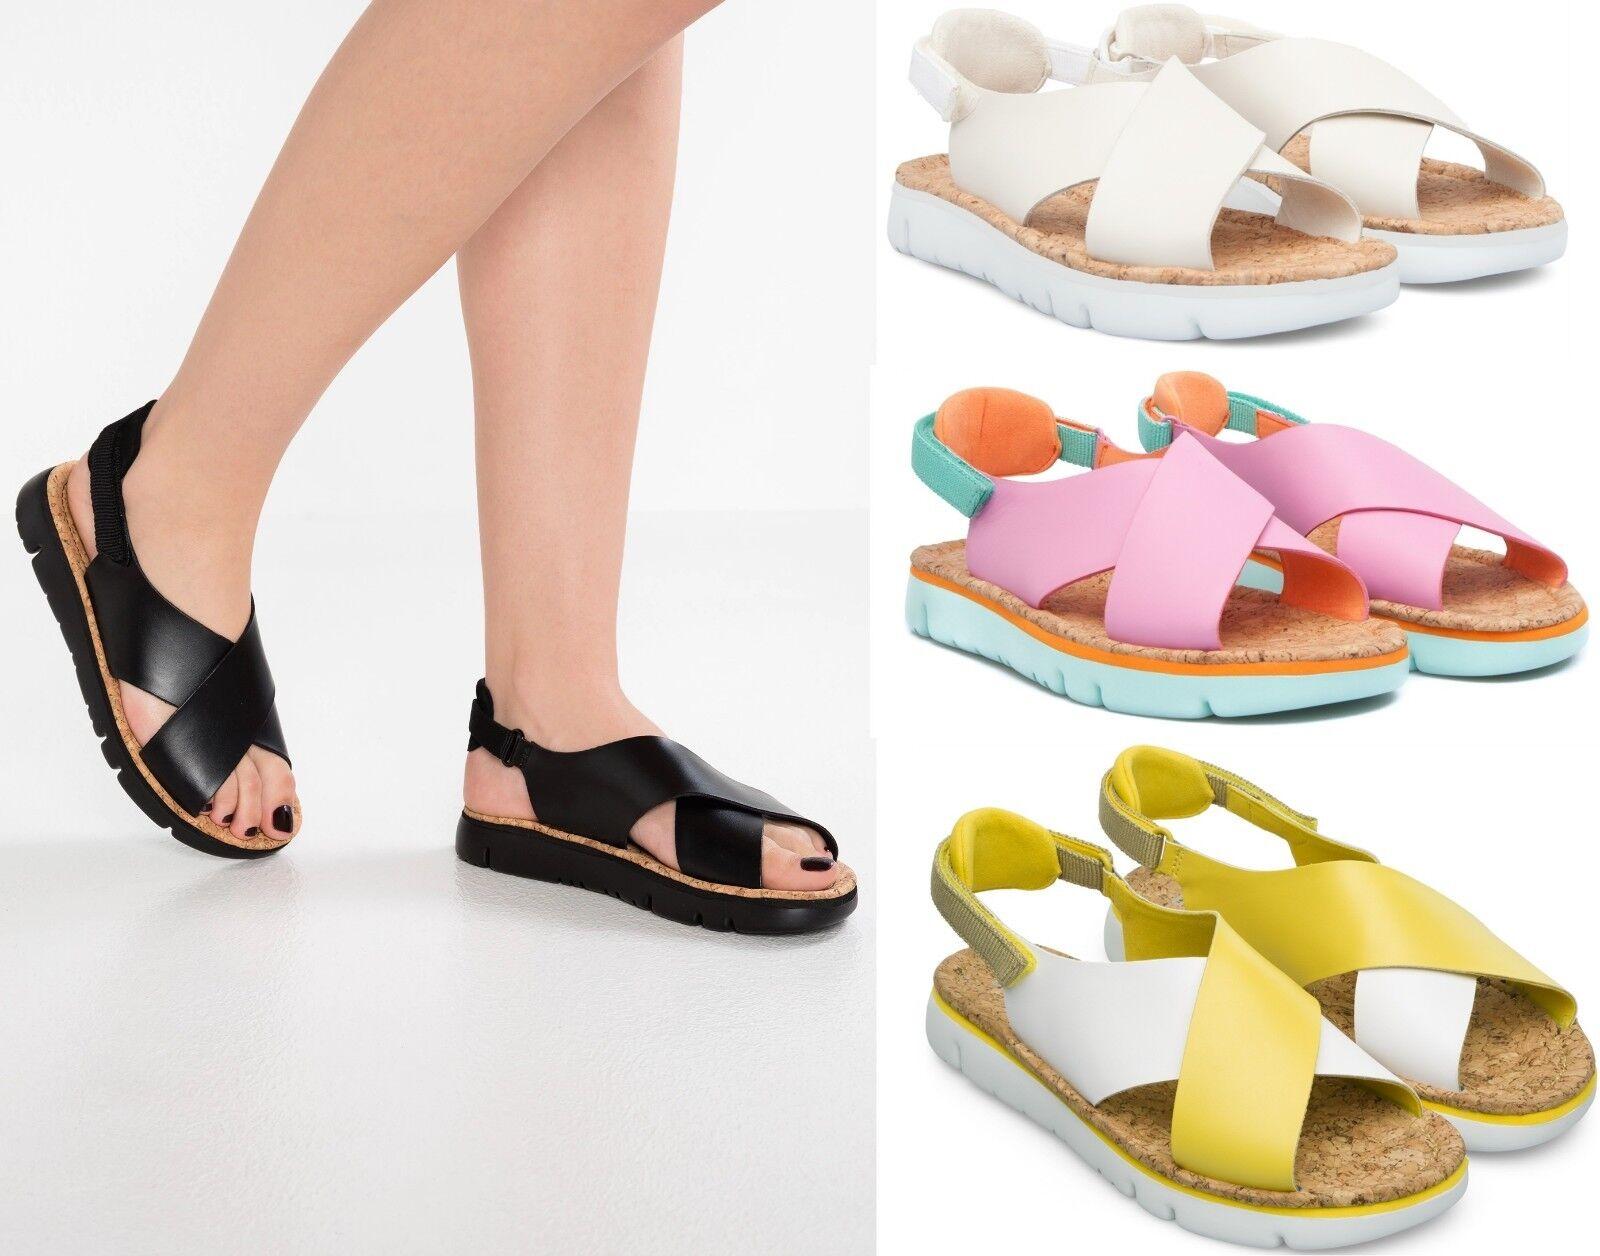 CAMPER Women's NEW Oruga Slideback Strap Sandals Open Toe Leather Summer shoes